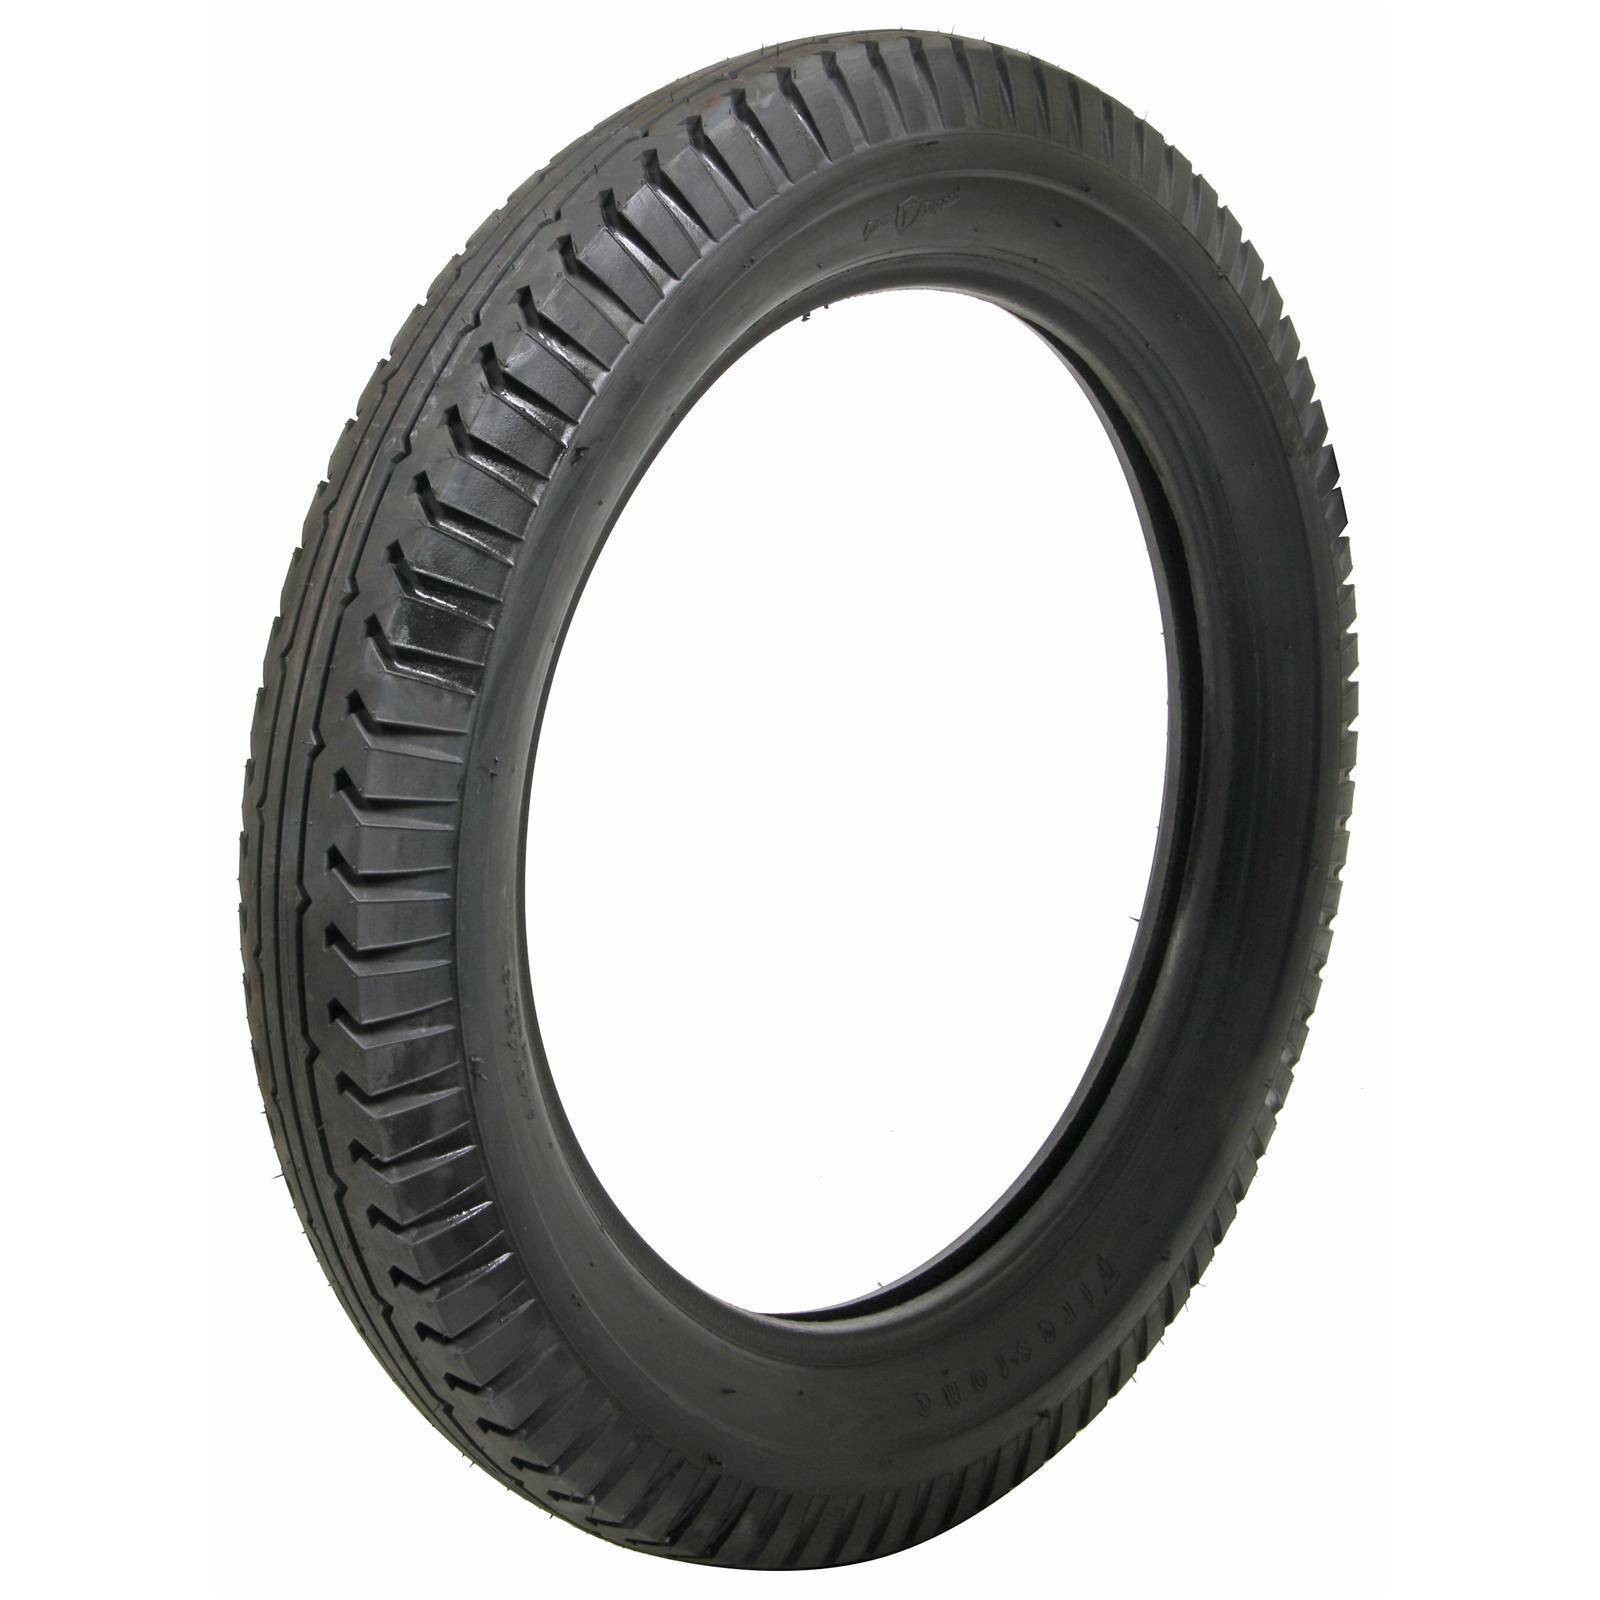 Coker Firestone Vintage Bias Tire 4 40 4 50 21 Bias ply Each